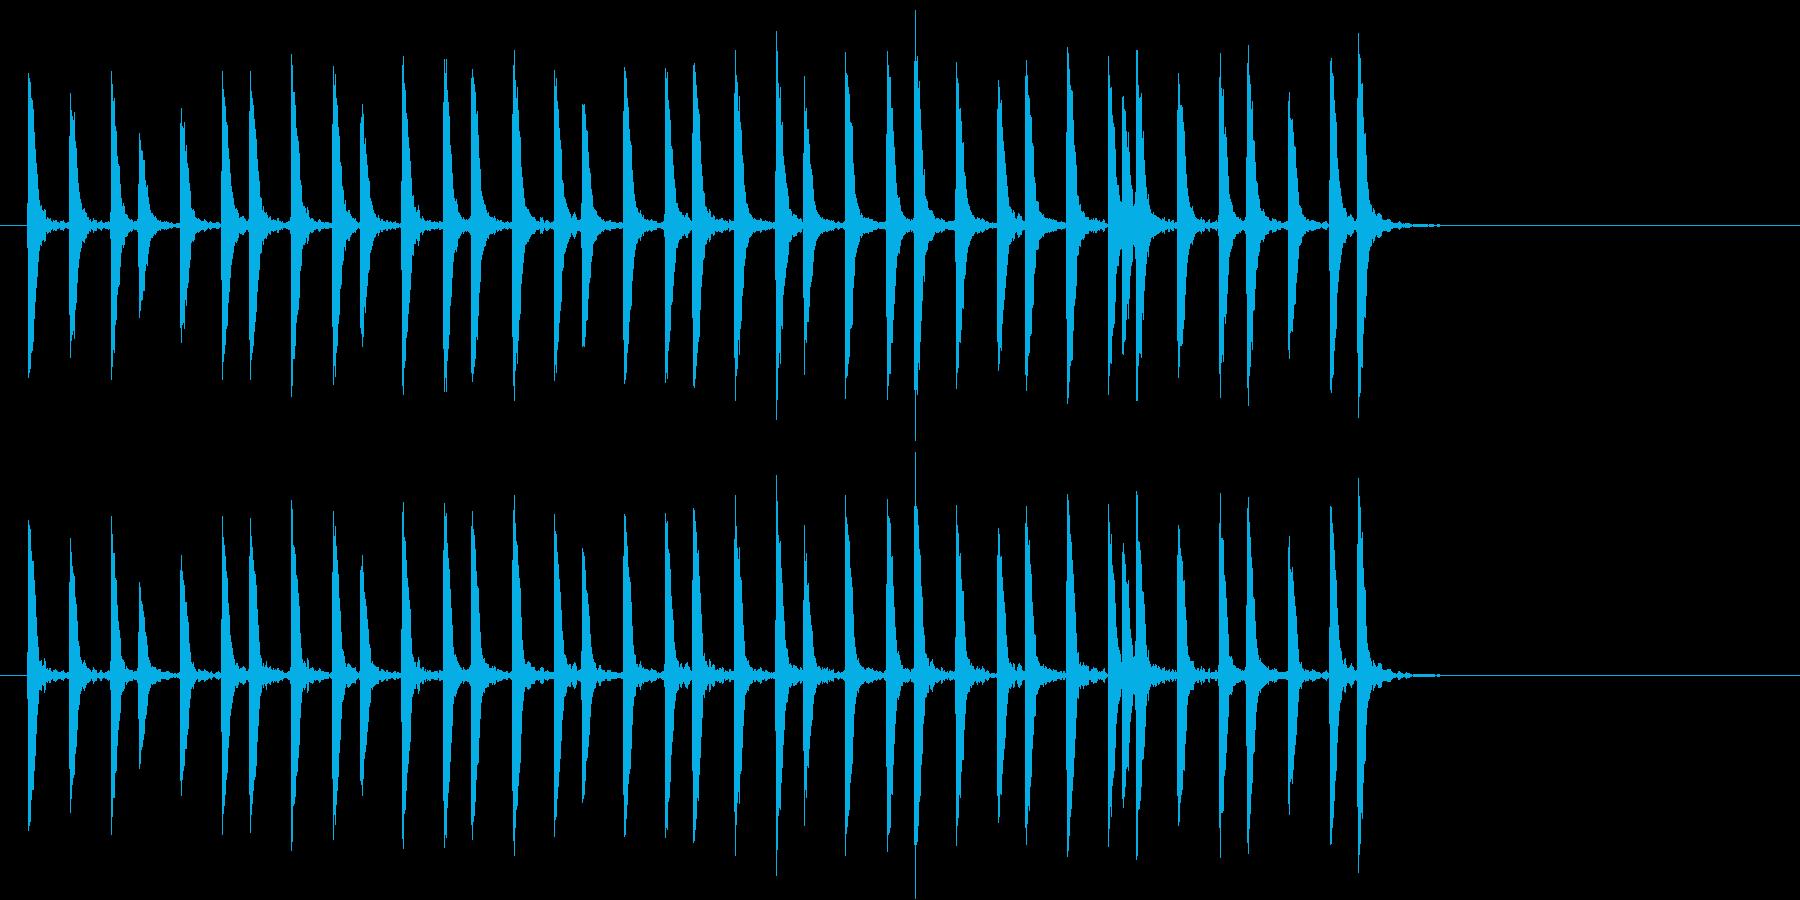 トットットタットットの再生済みの波形